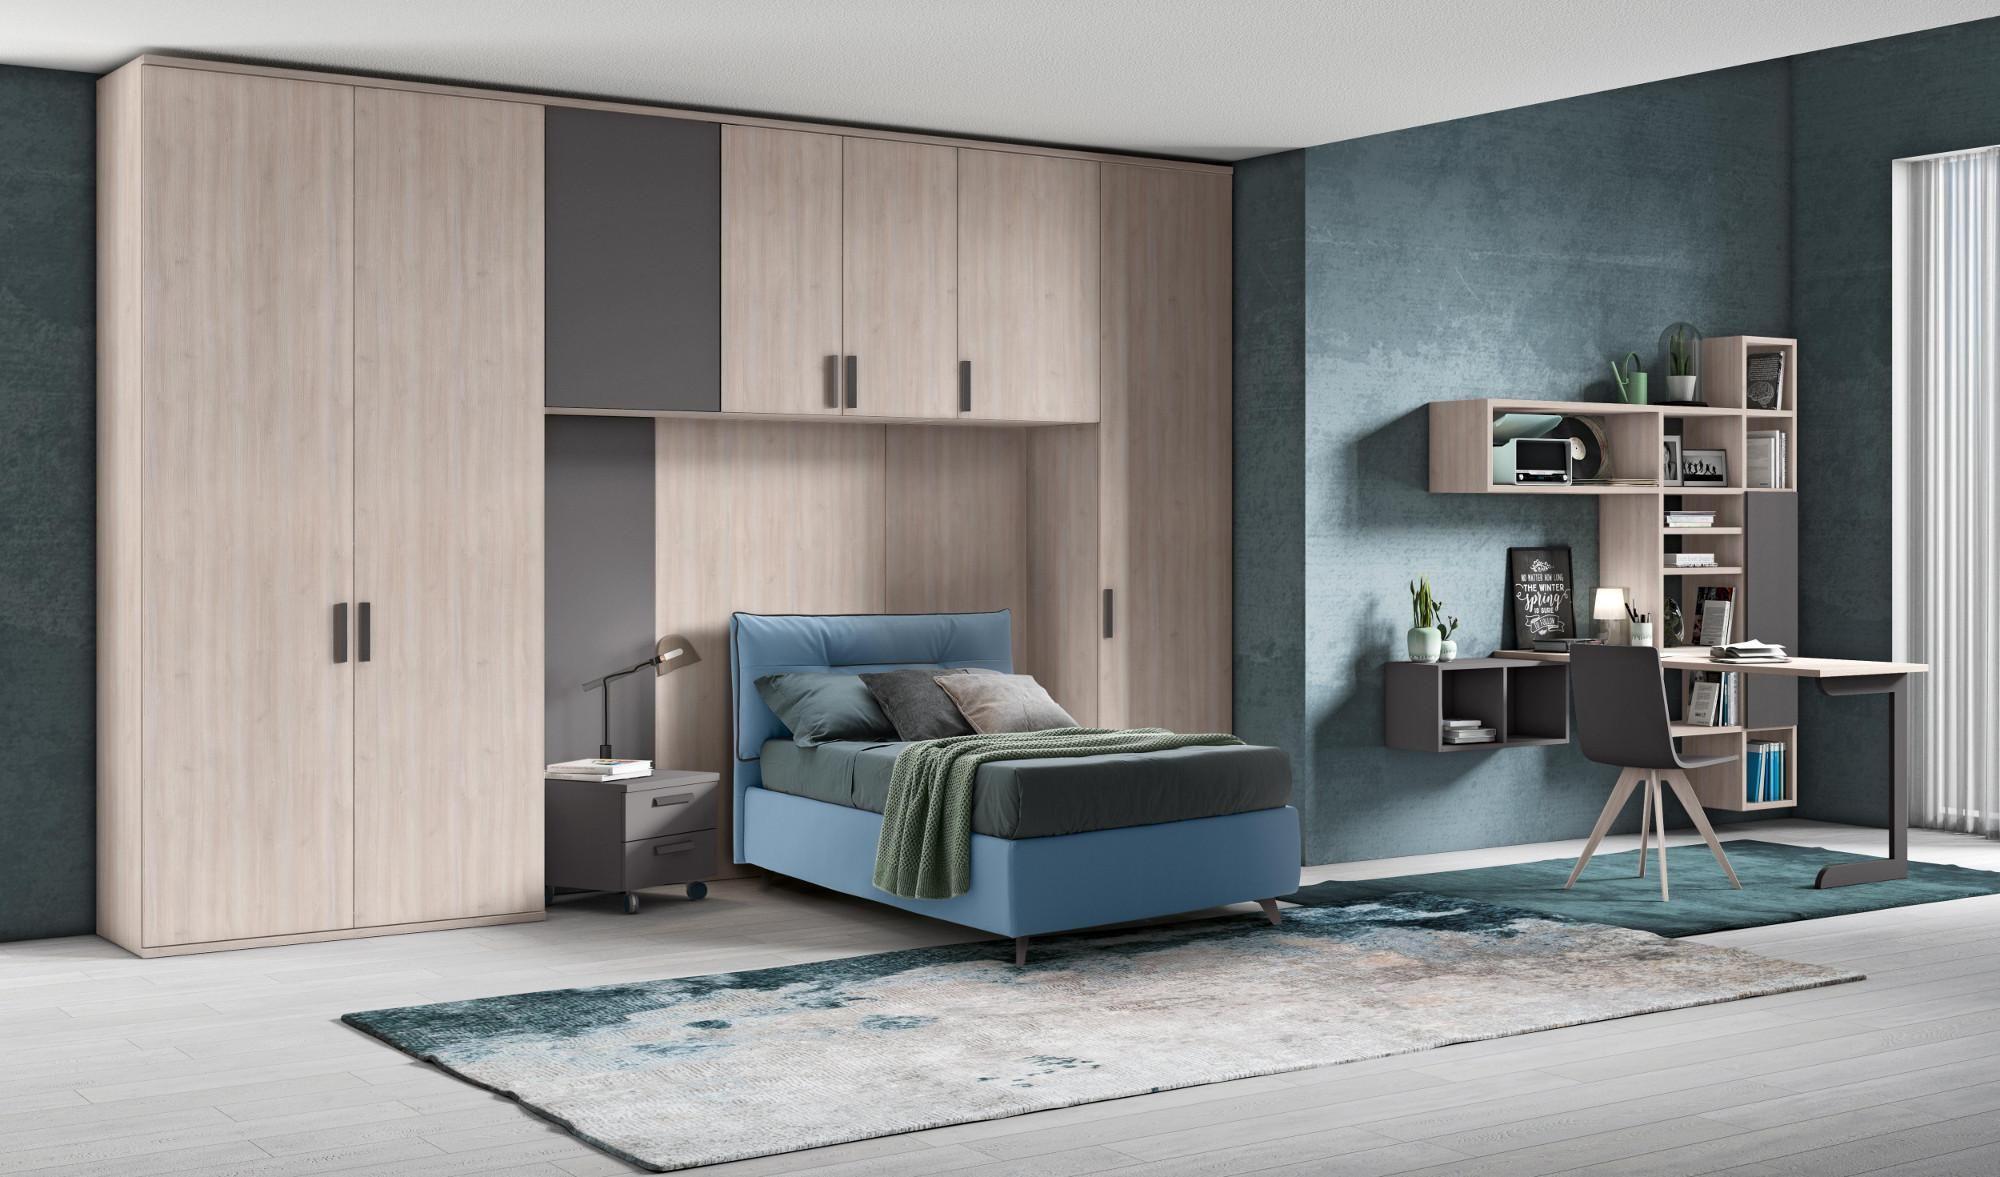 Finiture legno e grigio Arredo camere da letto per bambini e ...